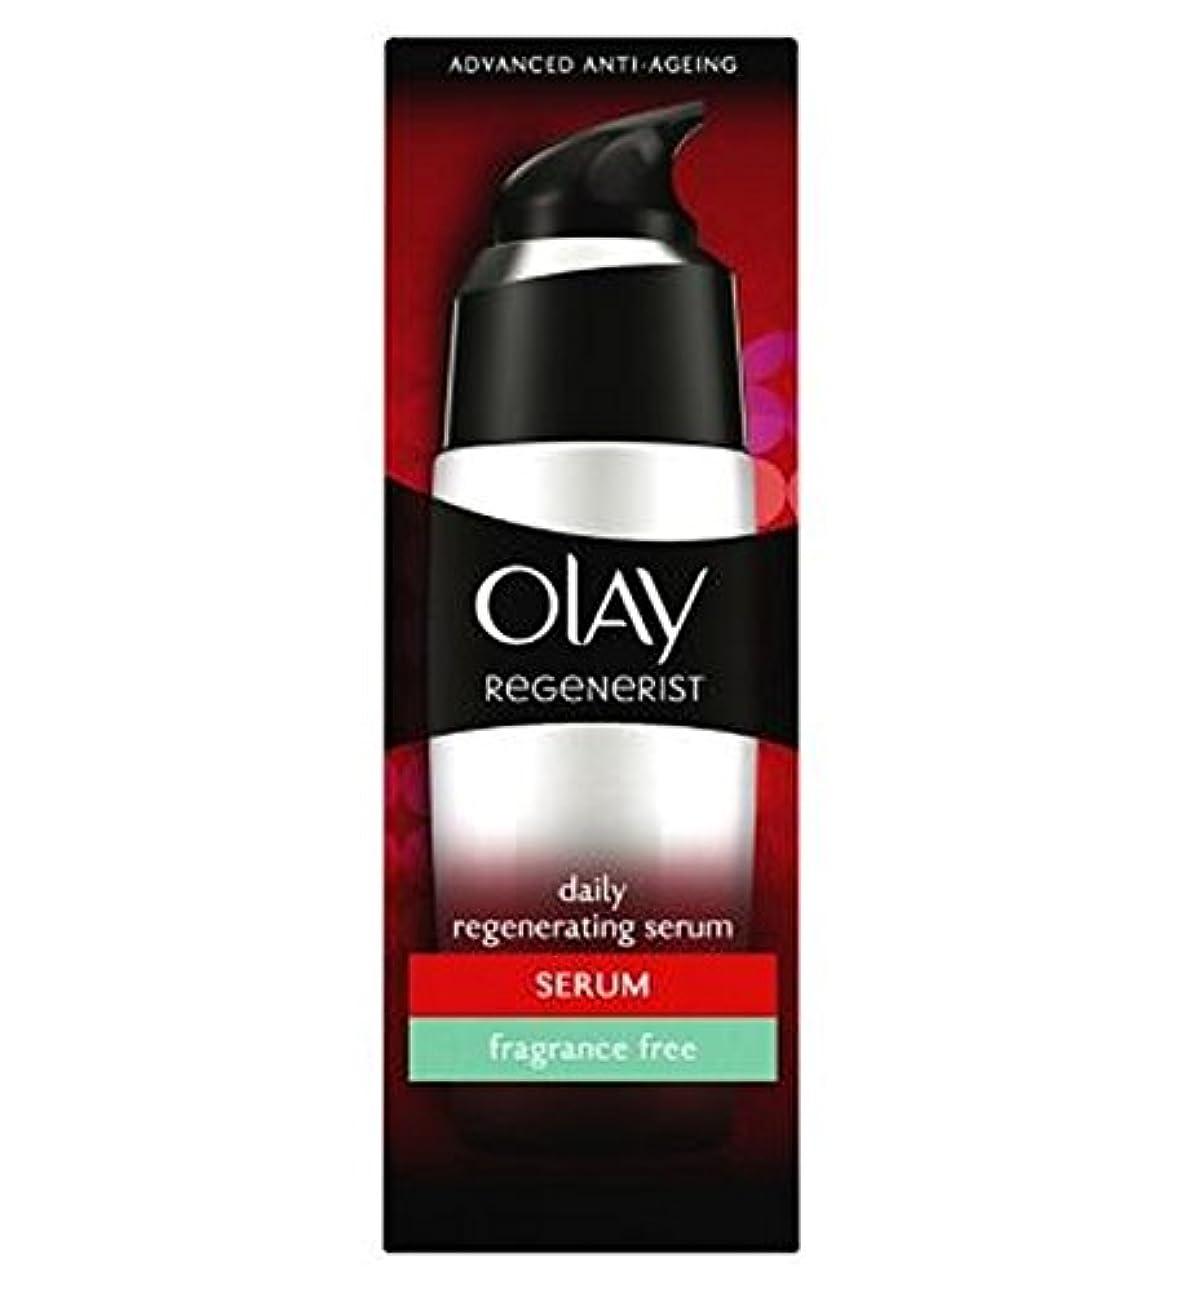 ジェームズダイソン打倒貢献するオーレイリジェネ再生血清無香料50ミリリットル (Olay) (x2) - Olay Regenerist Regenerating Serum Fragrance Free 50ml (Pack of 2) [並行輸入品]